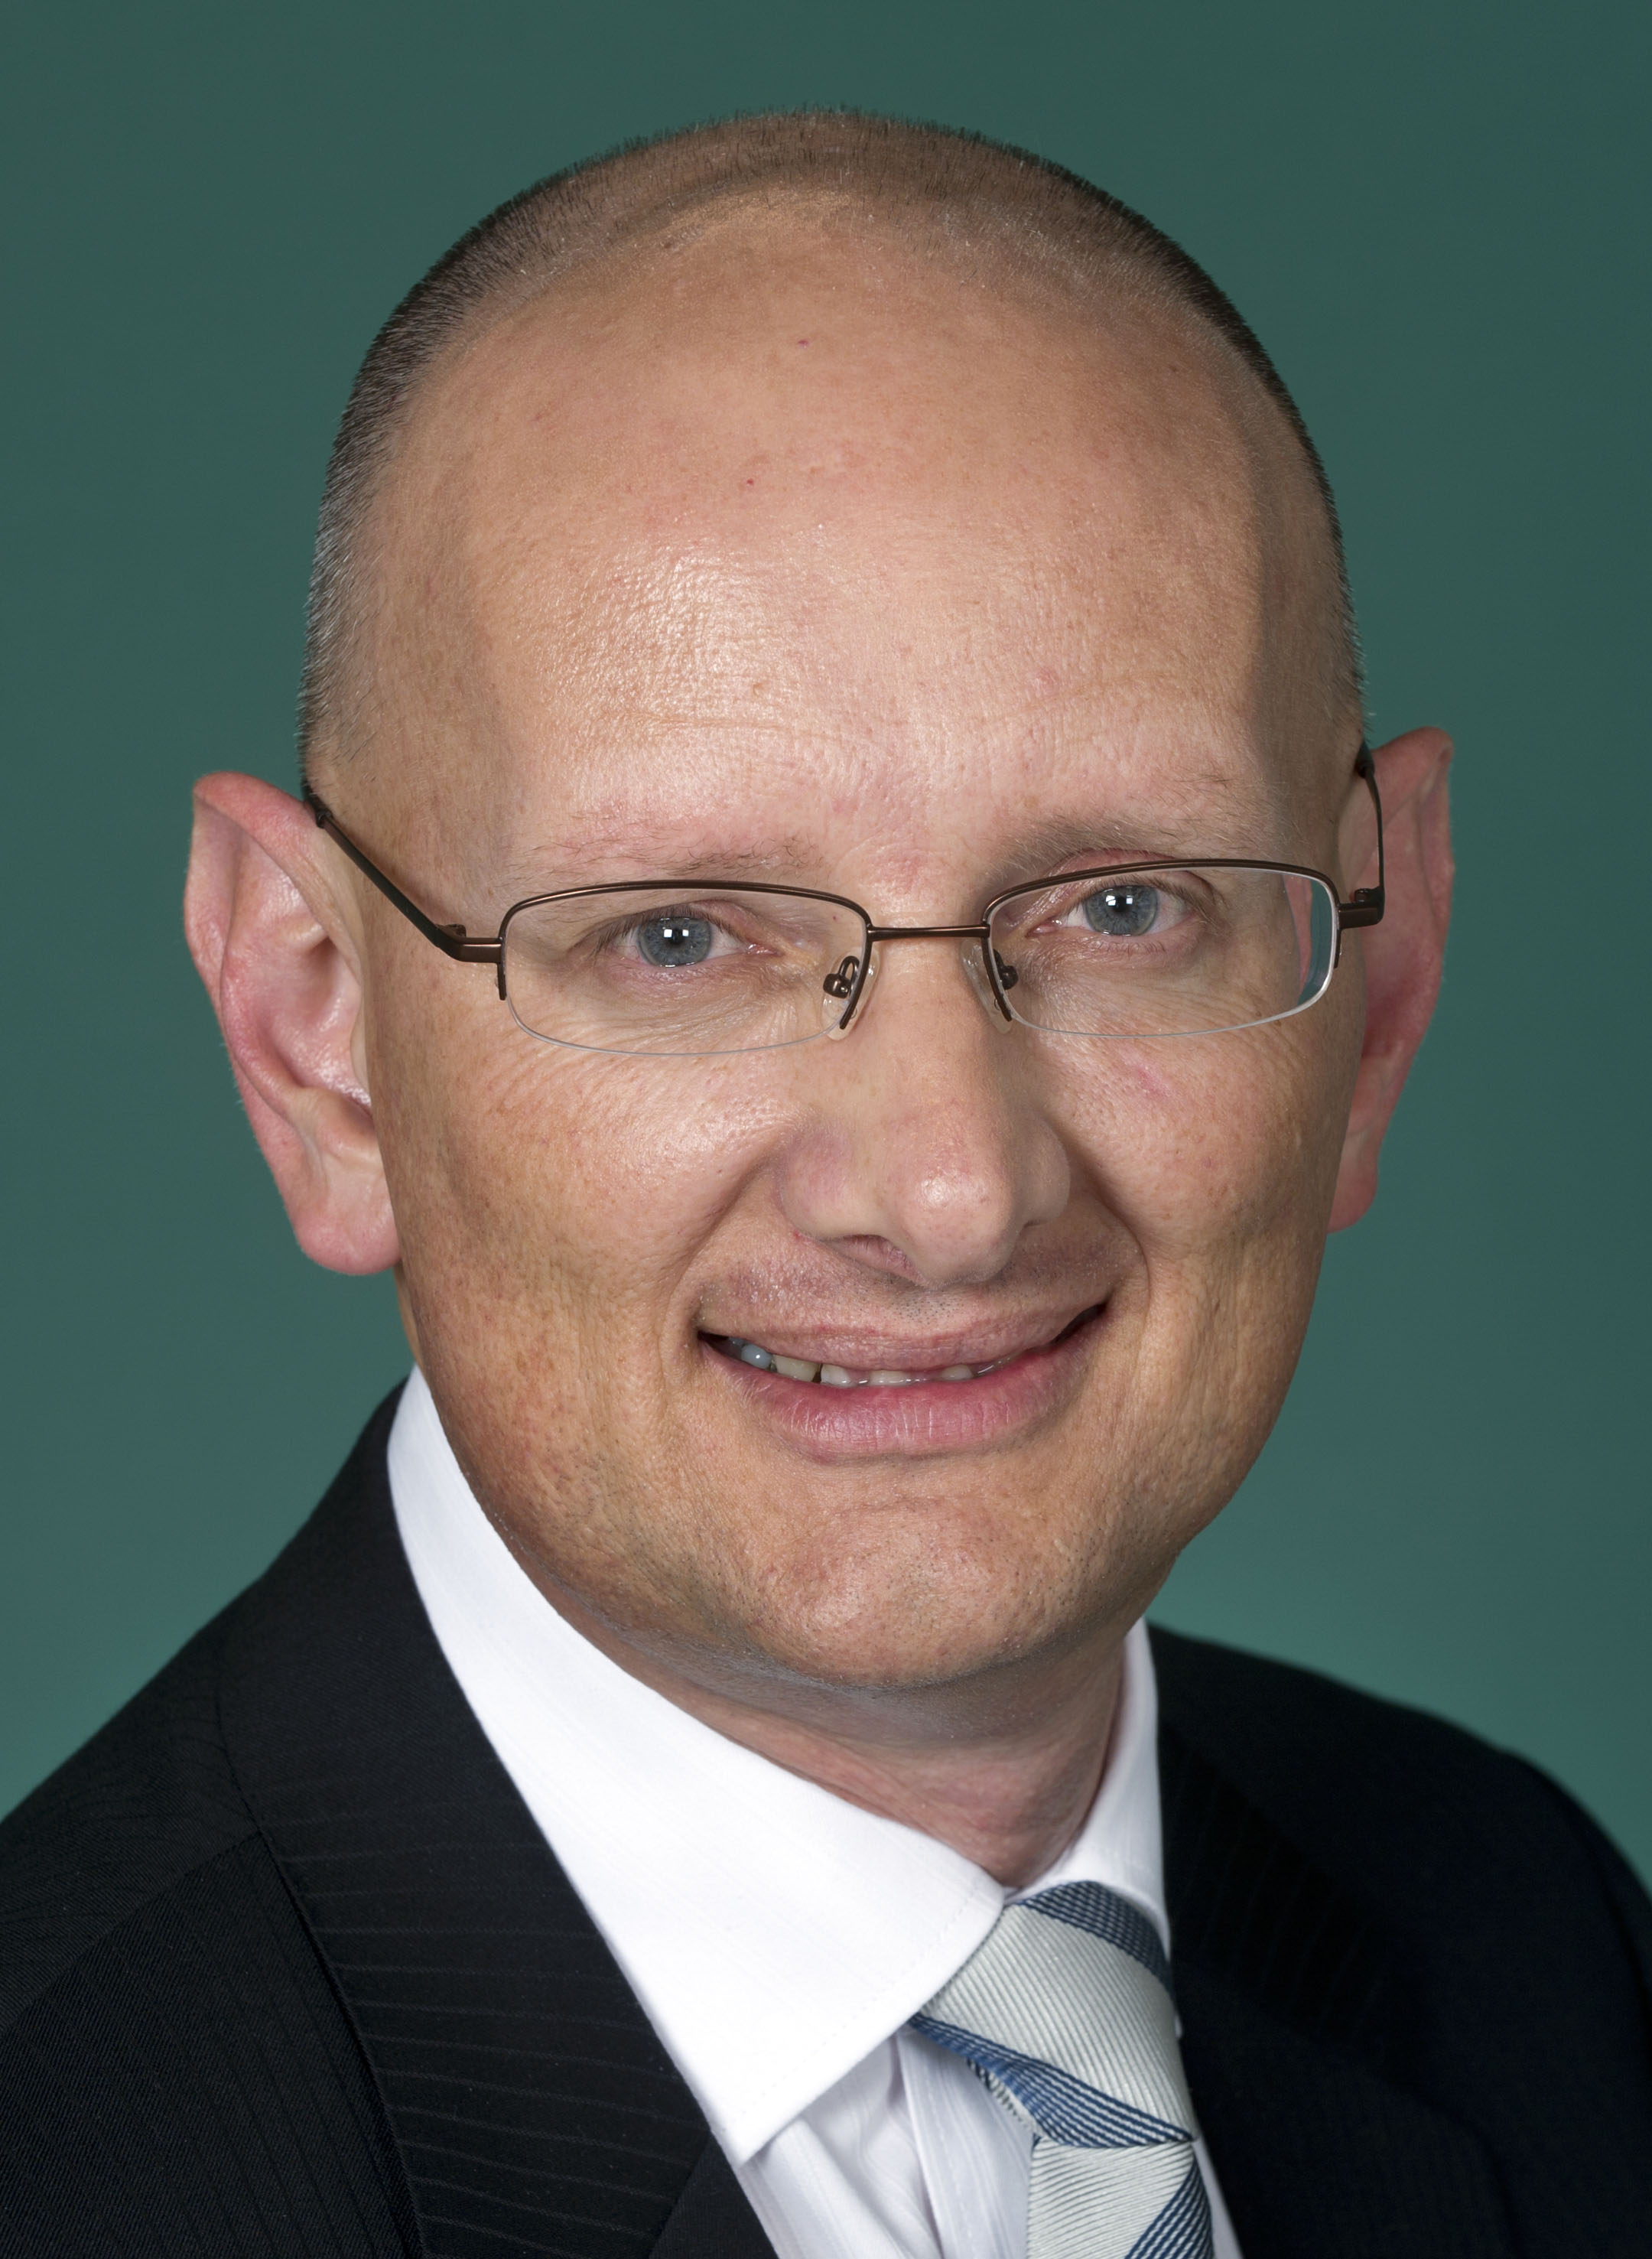 Shayne Neumann MP